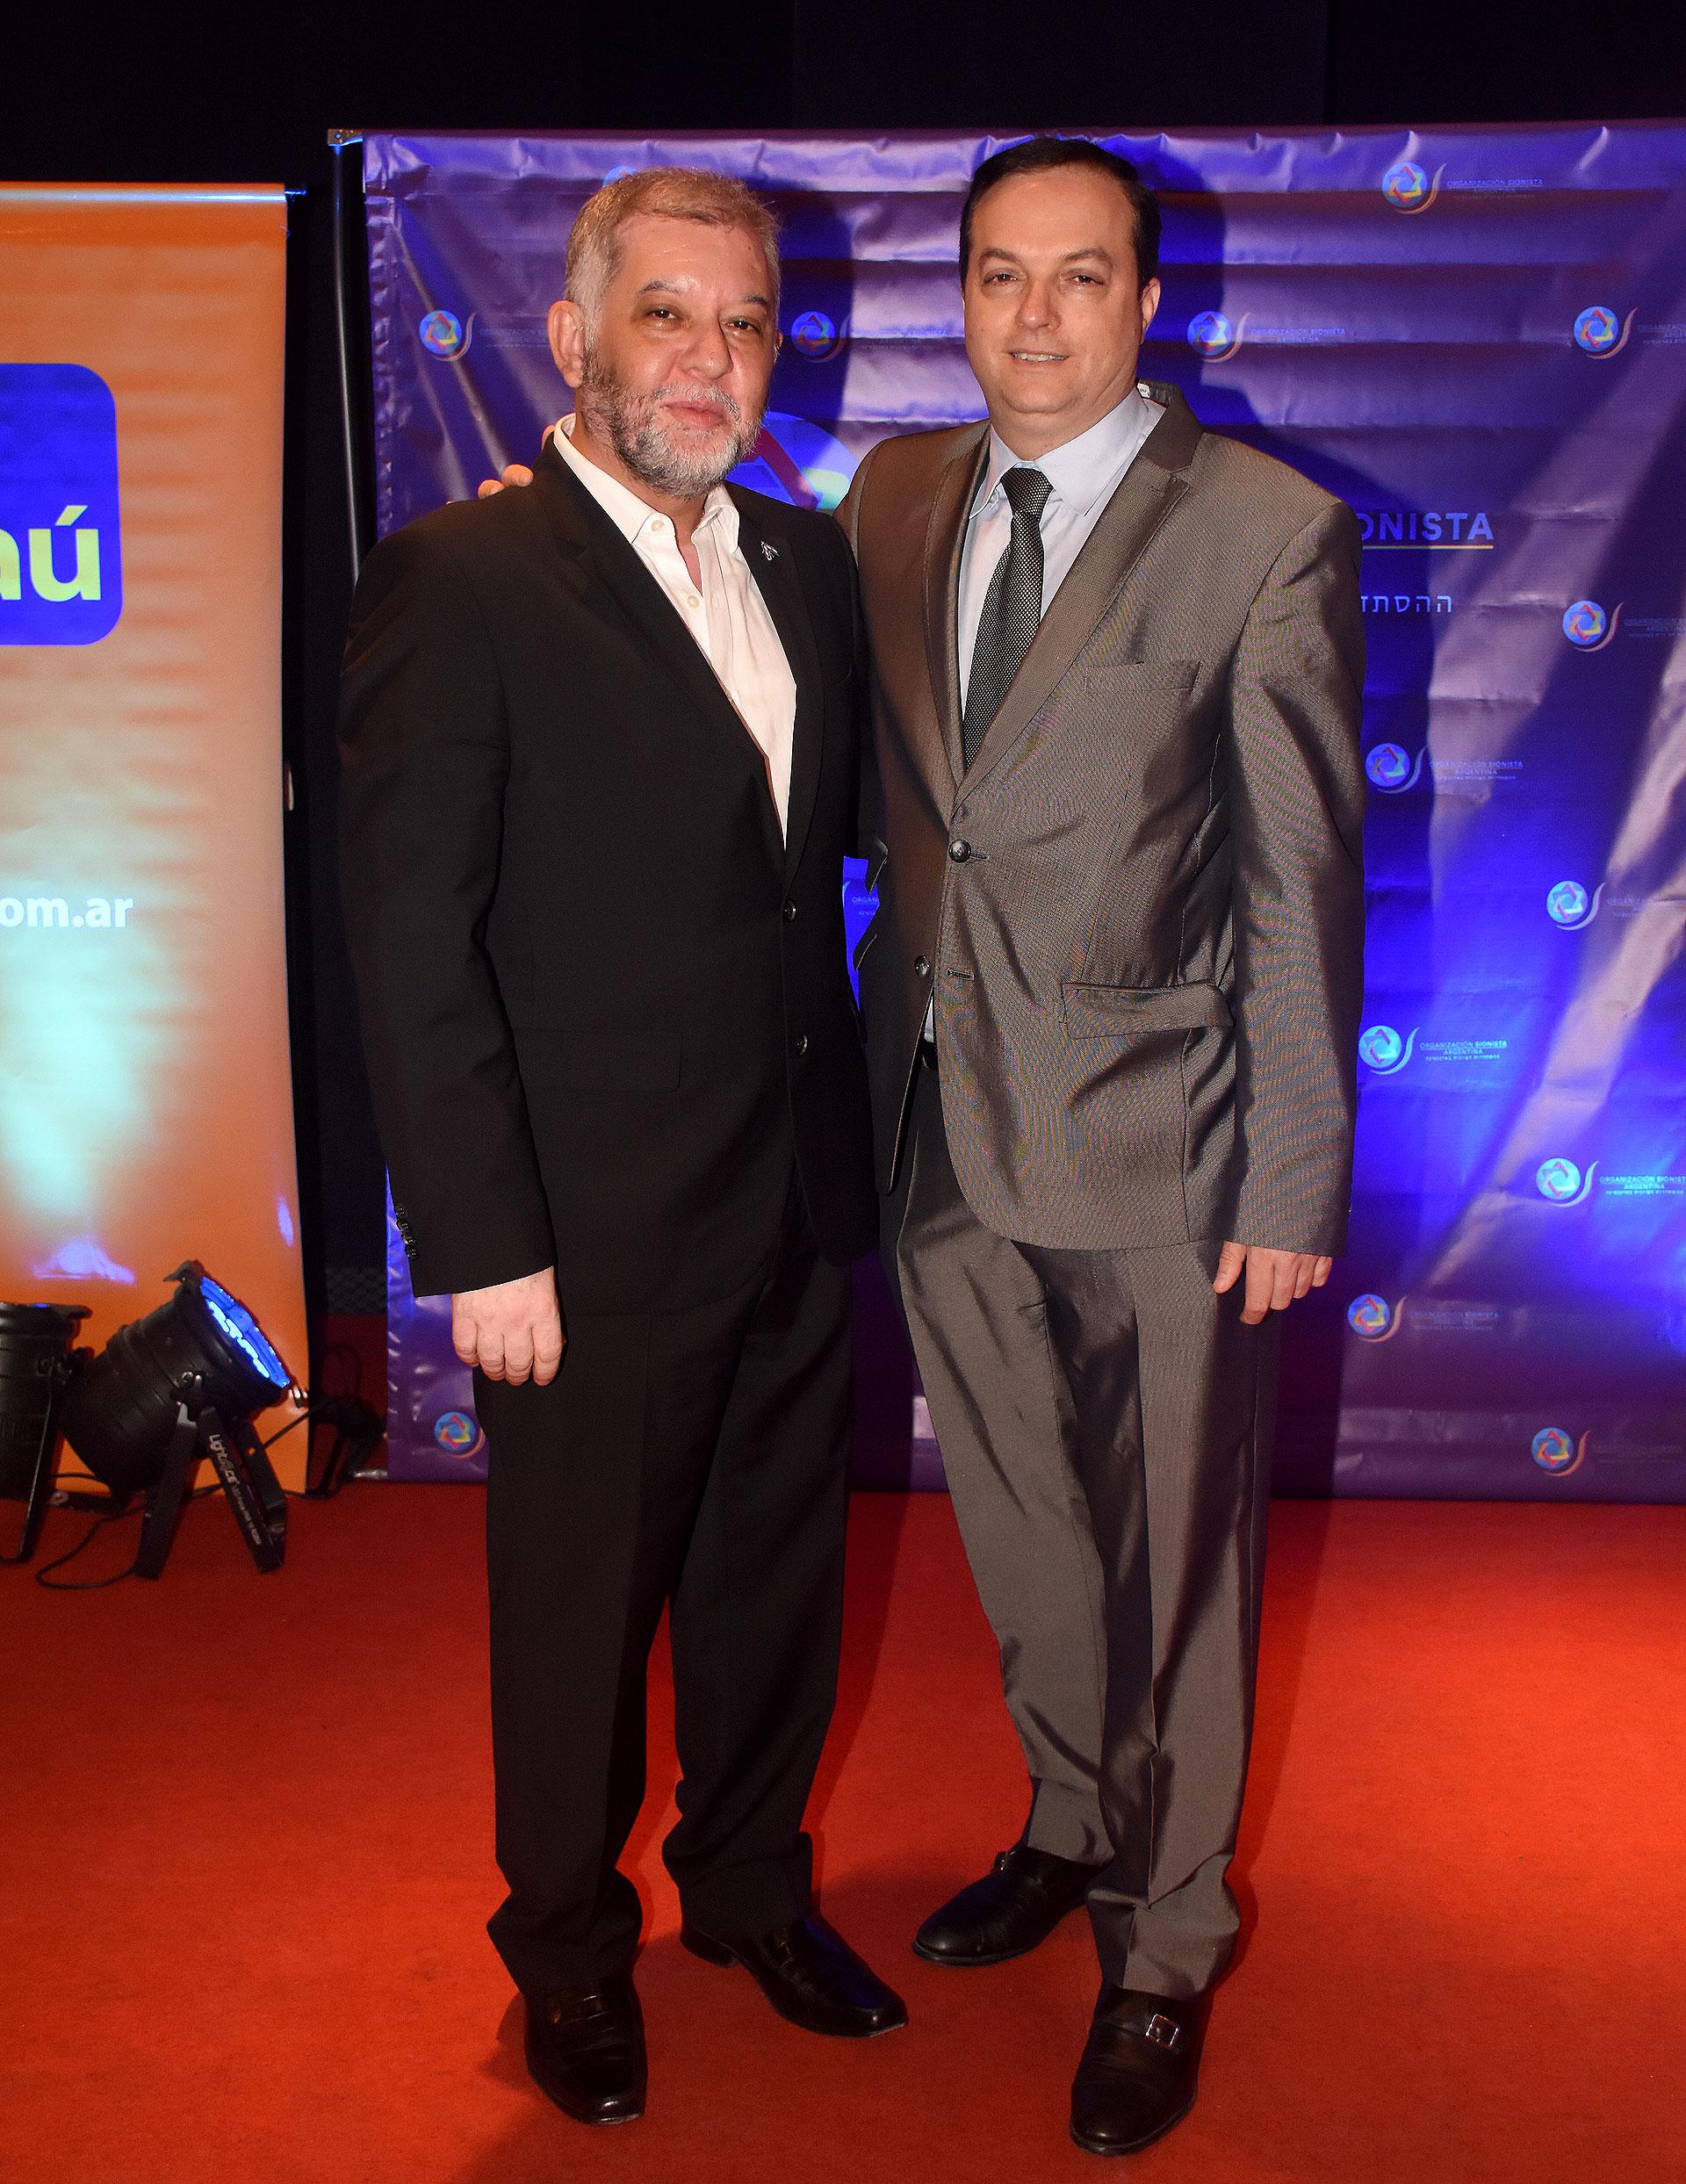 El presidente de la Agrupación Sionista Argentina, Sergio Pikholtz, y el presidente de la DAIA, Ariel Cohen Sabban